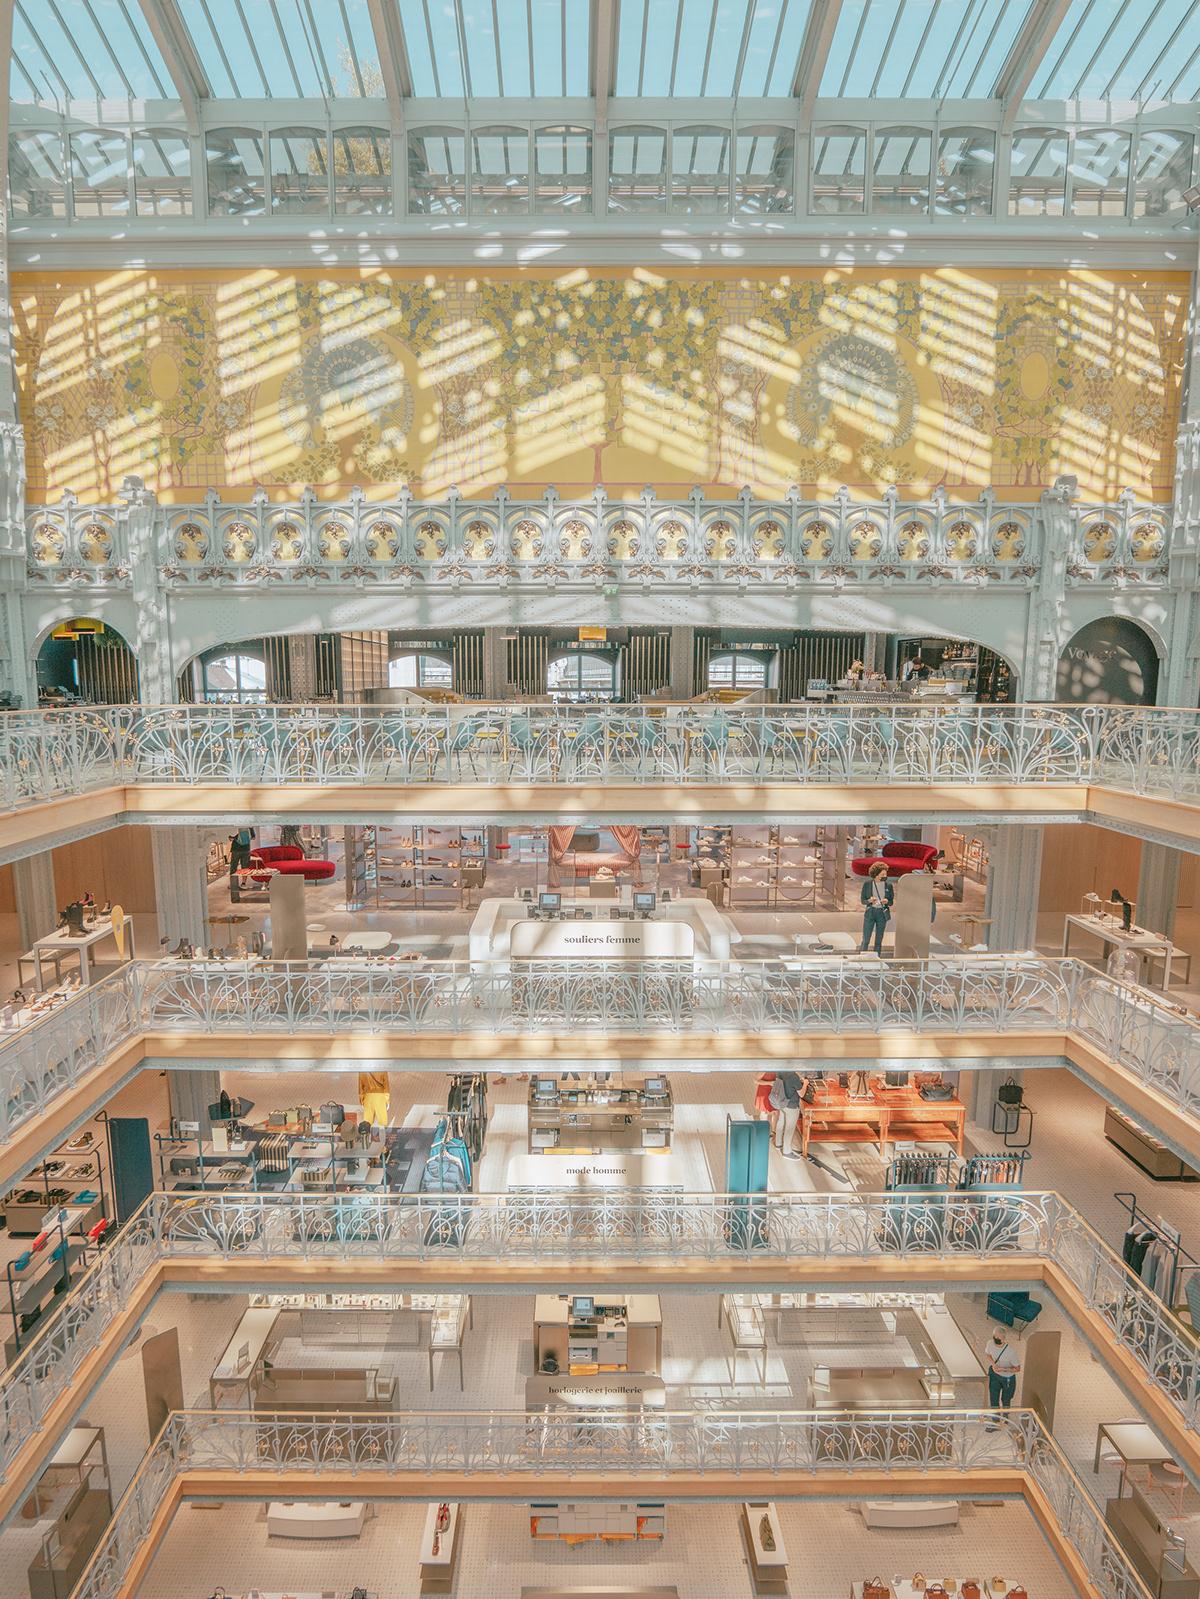 architecture building city france interior design  Paris samaritaine